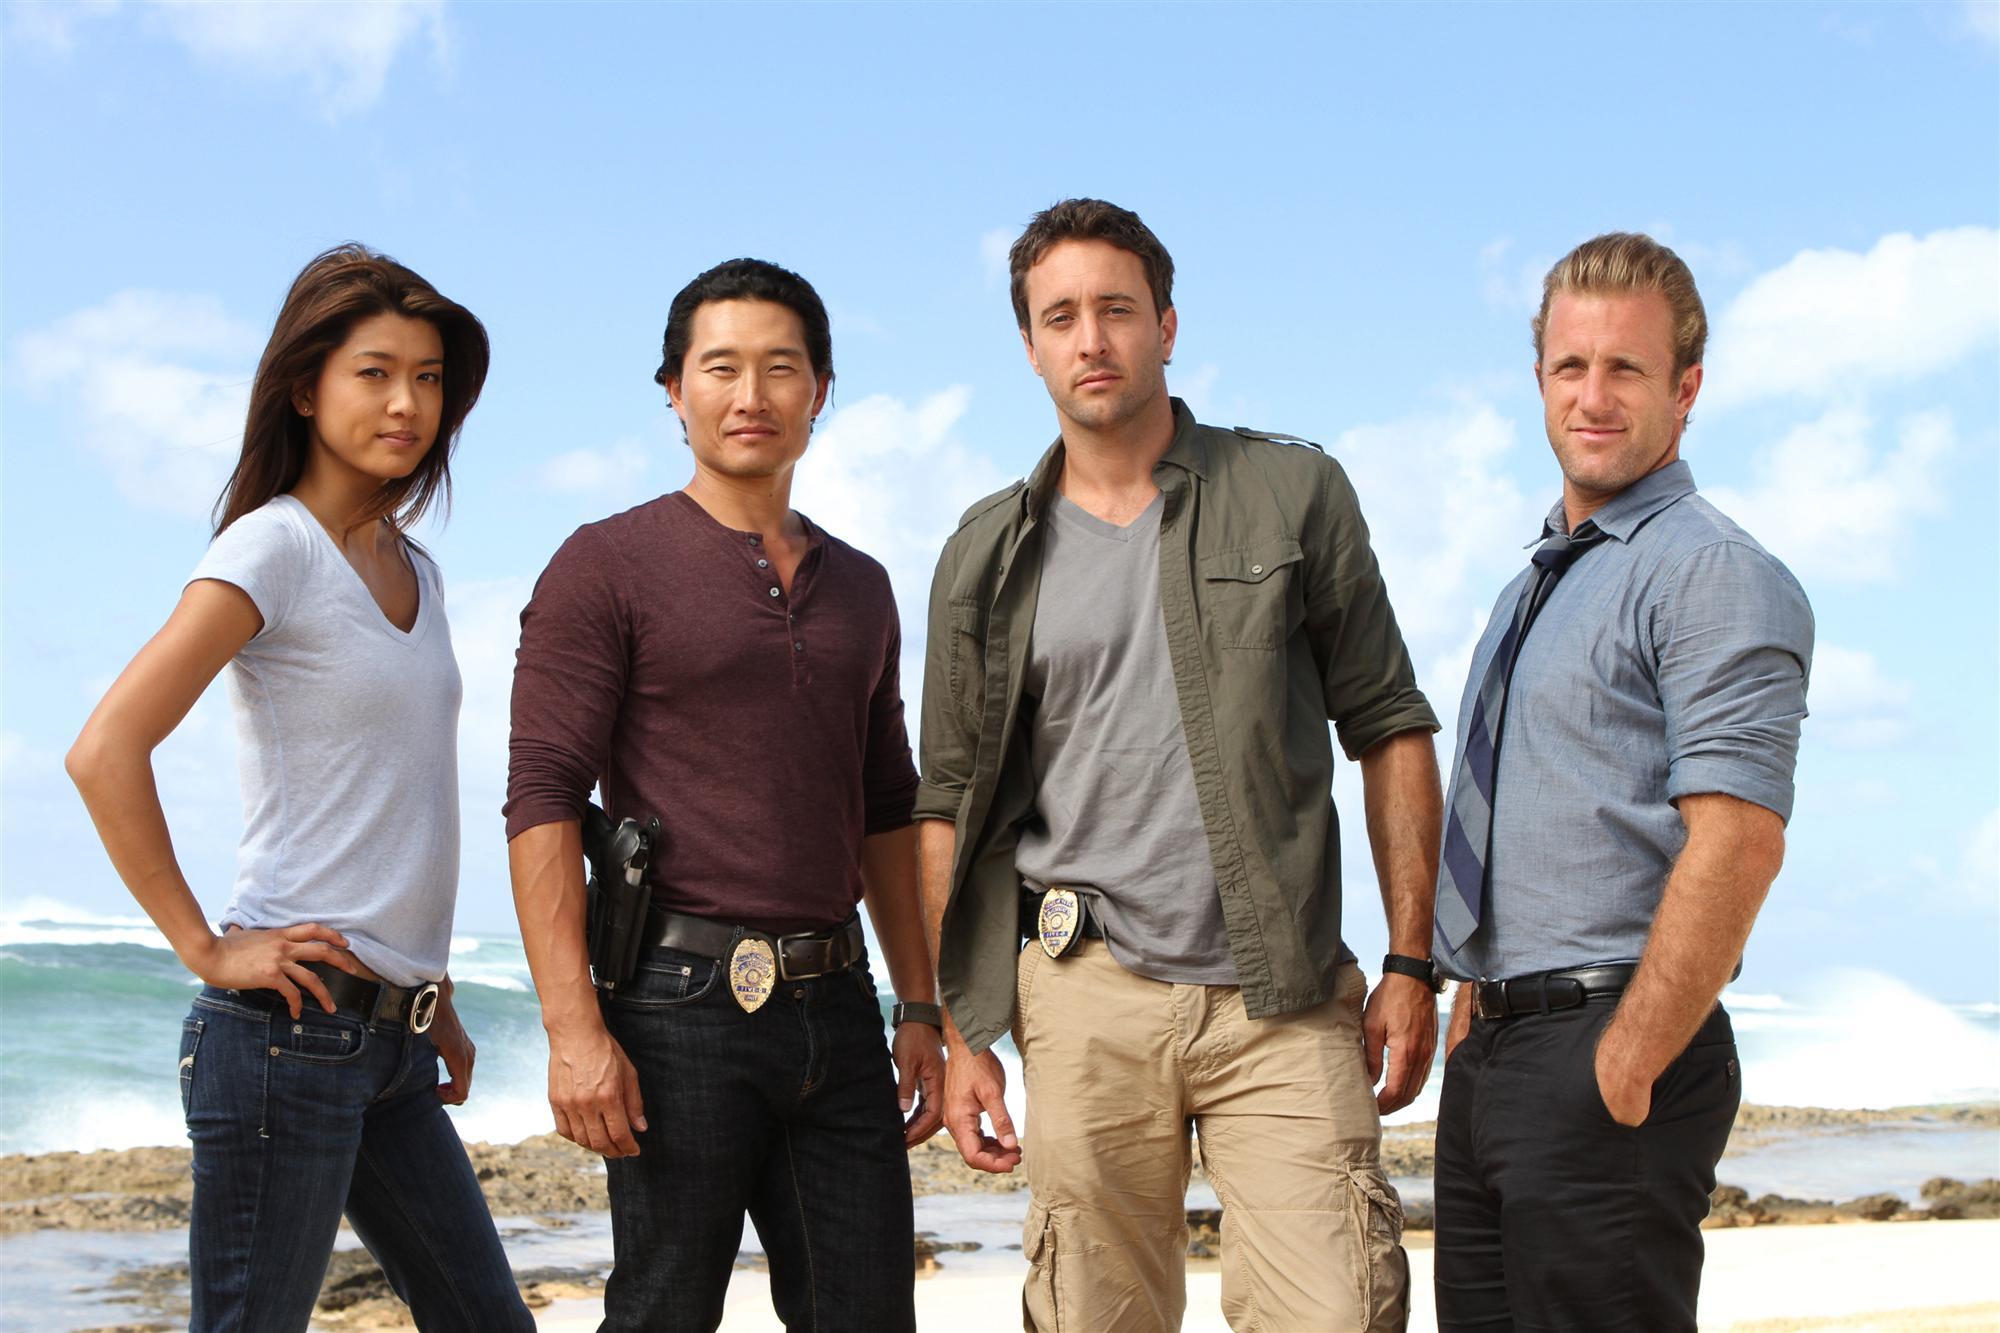 Hawaii 5.0 - serial, który warto obejrzeć. 10 sezonów zabawy